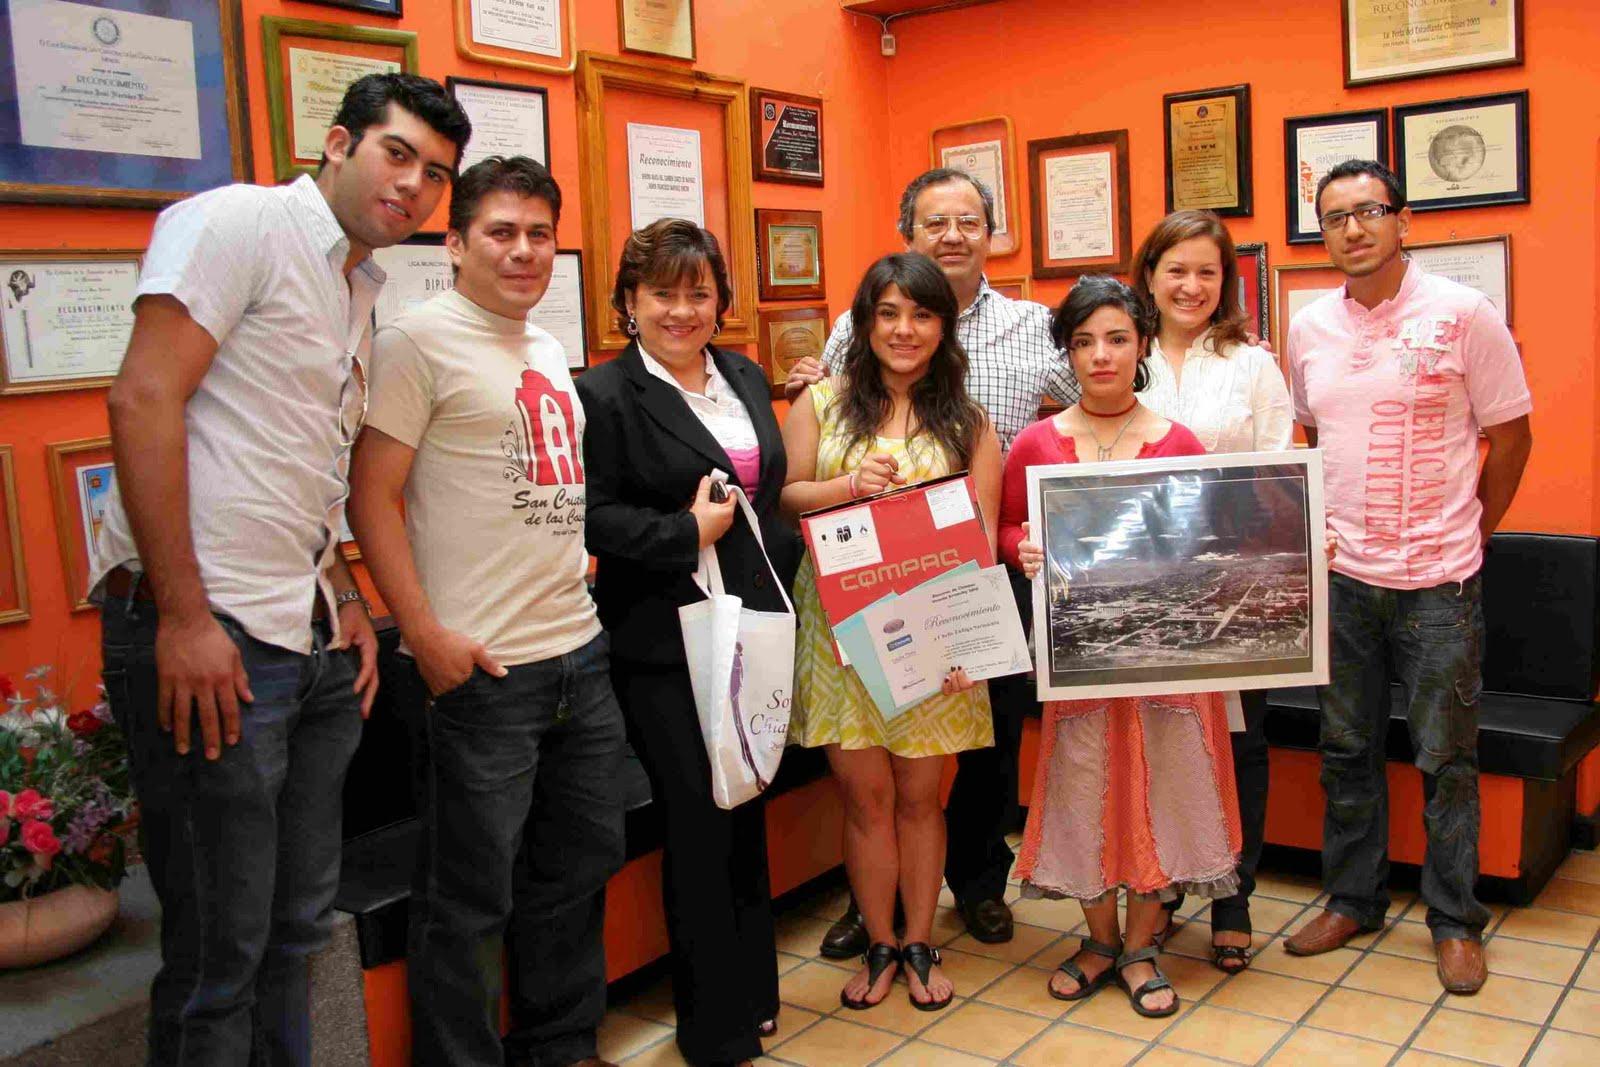 Concurso fotografico clarin 2010